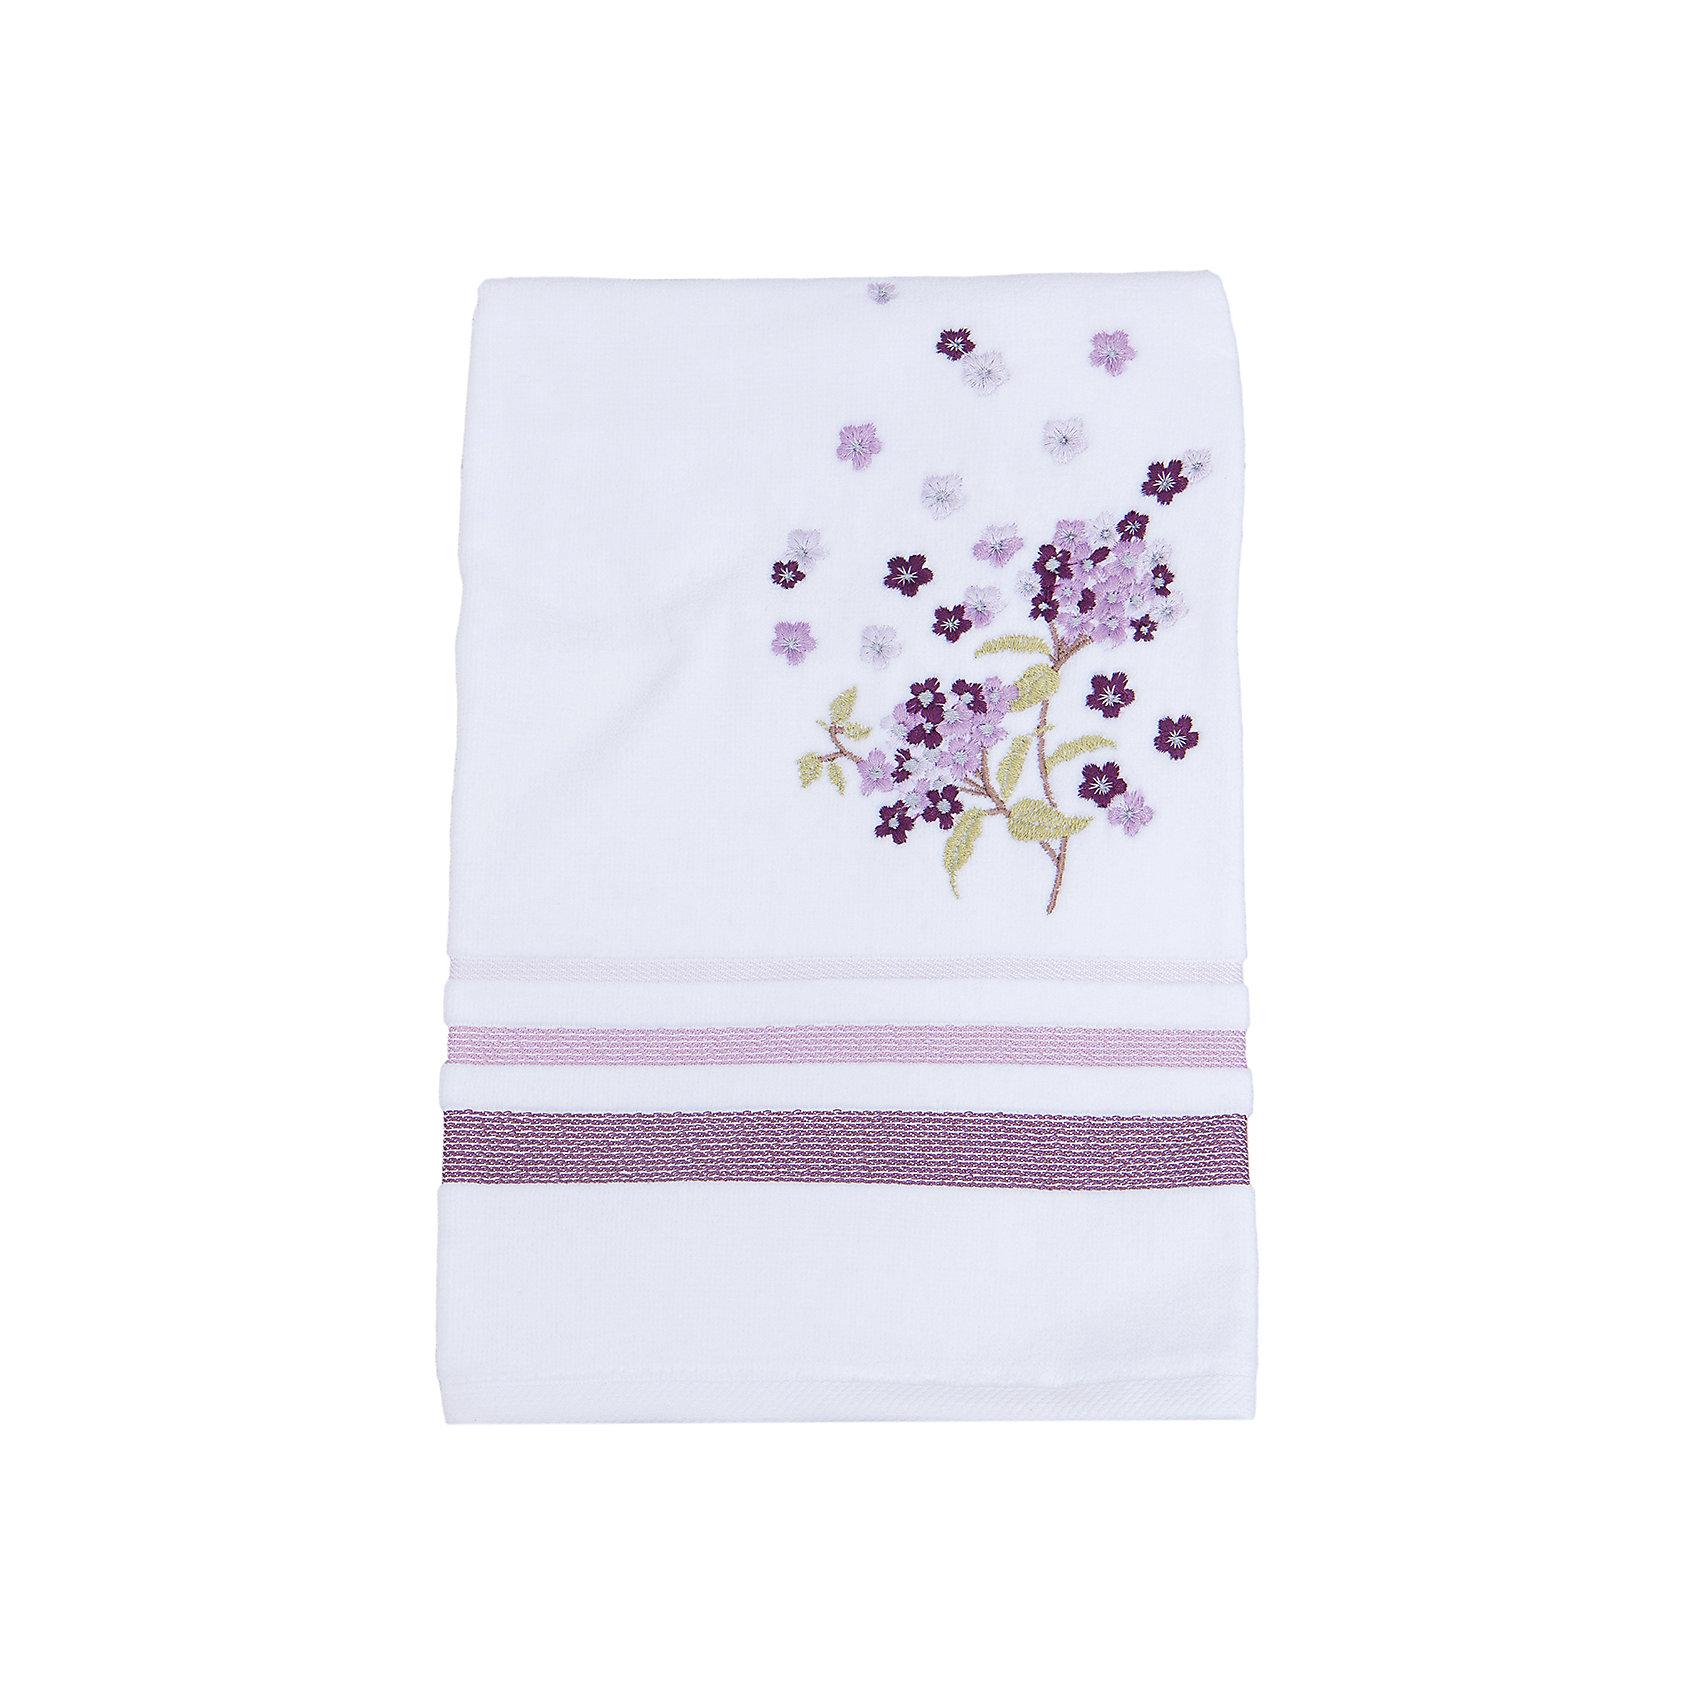 TAC Полотенце подарочное FUSION махровое 50*90, TAC, сиреневый tac полотенце bloom махровое 50 90 бамбук tac сиреневый